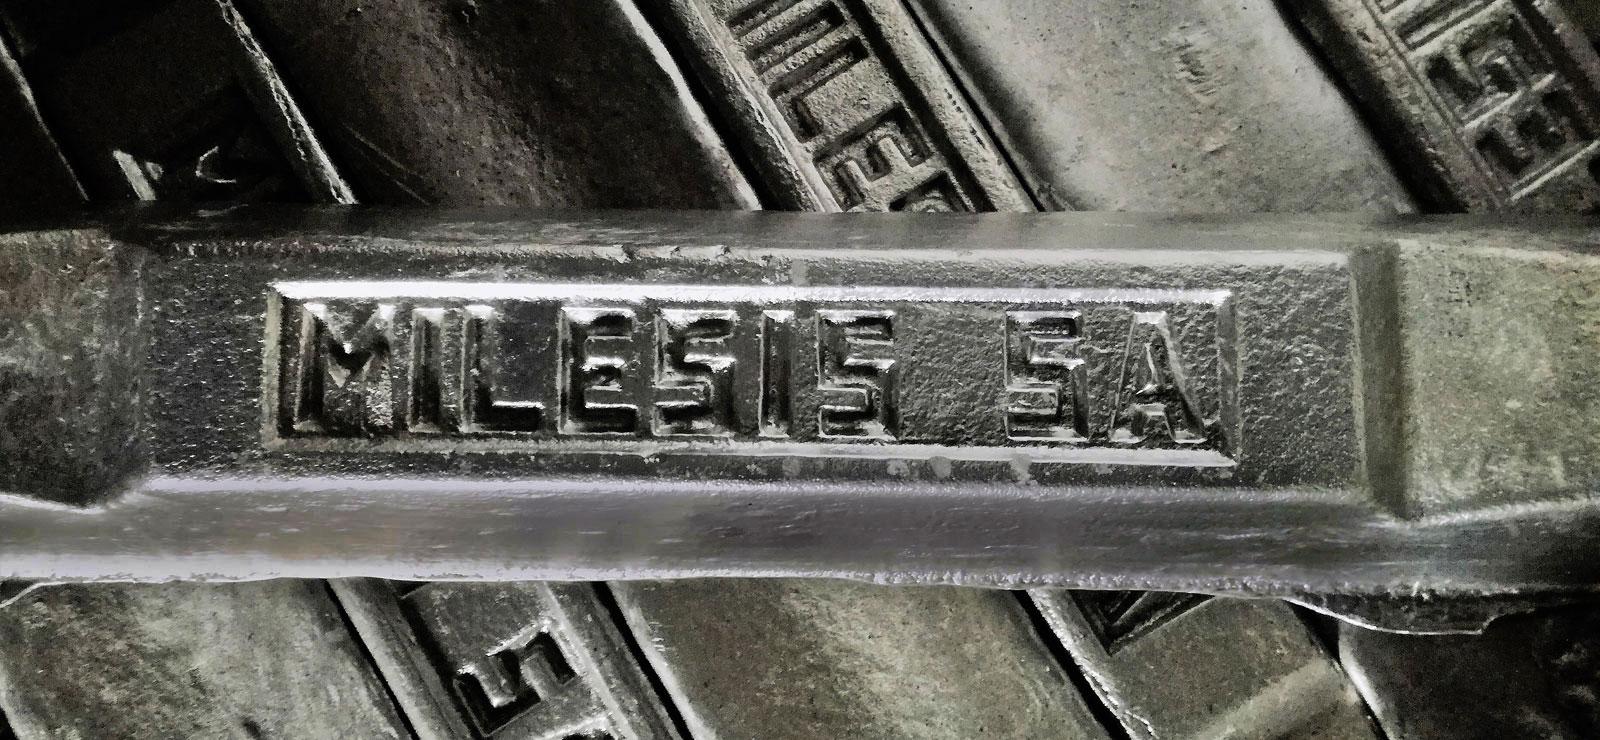 Κράματα αλουμινίου - Ανακύκλωση - Χύτευση μετάλλων